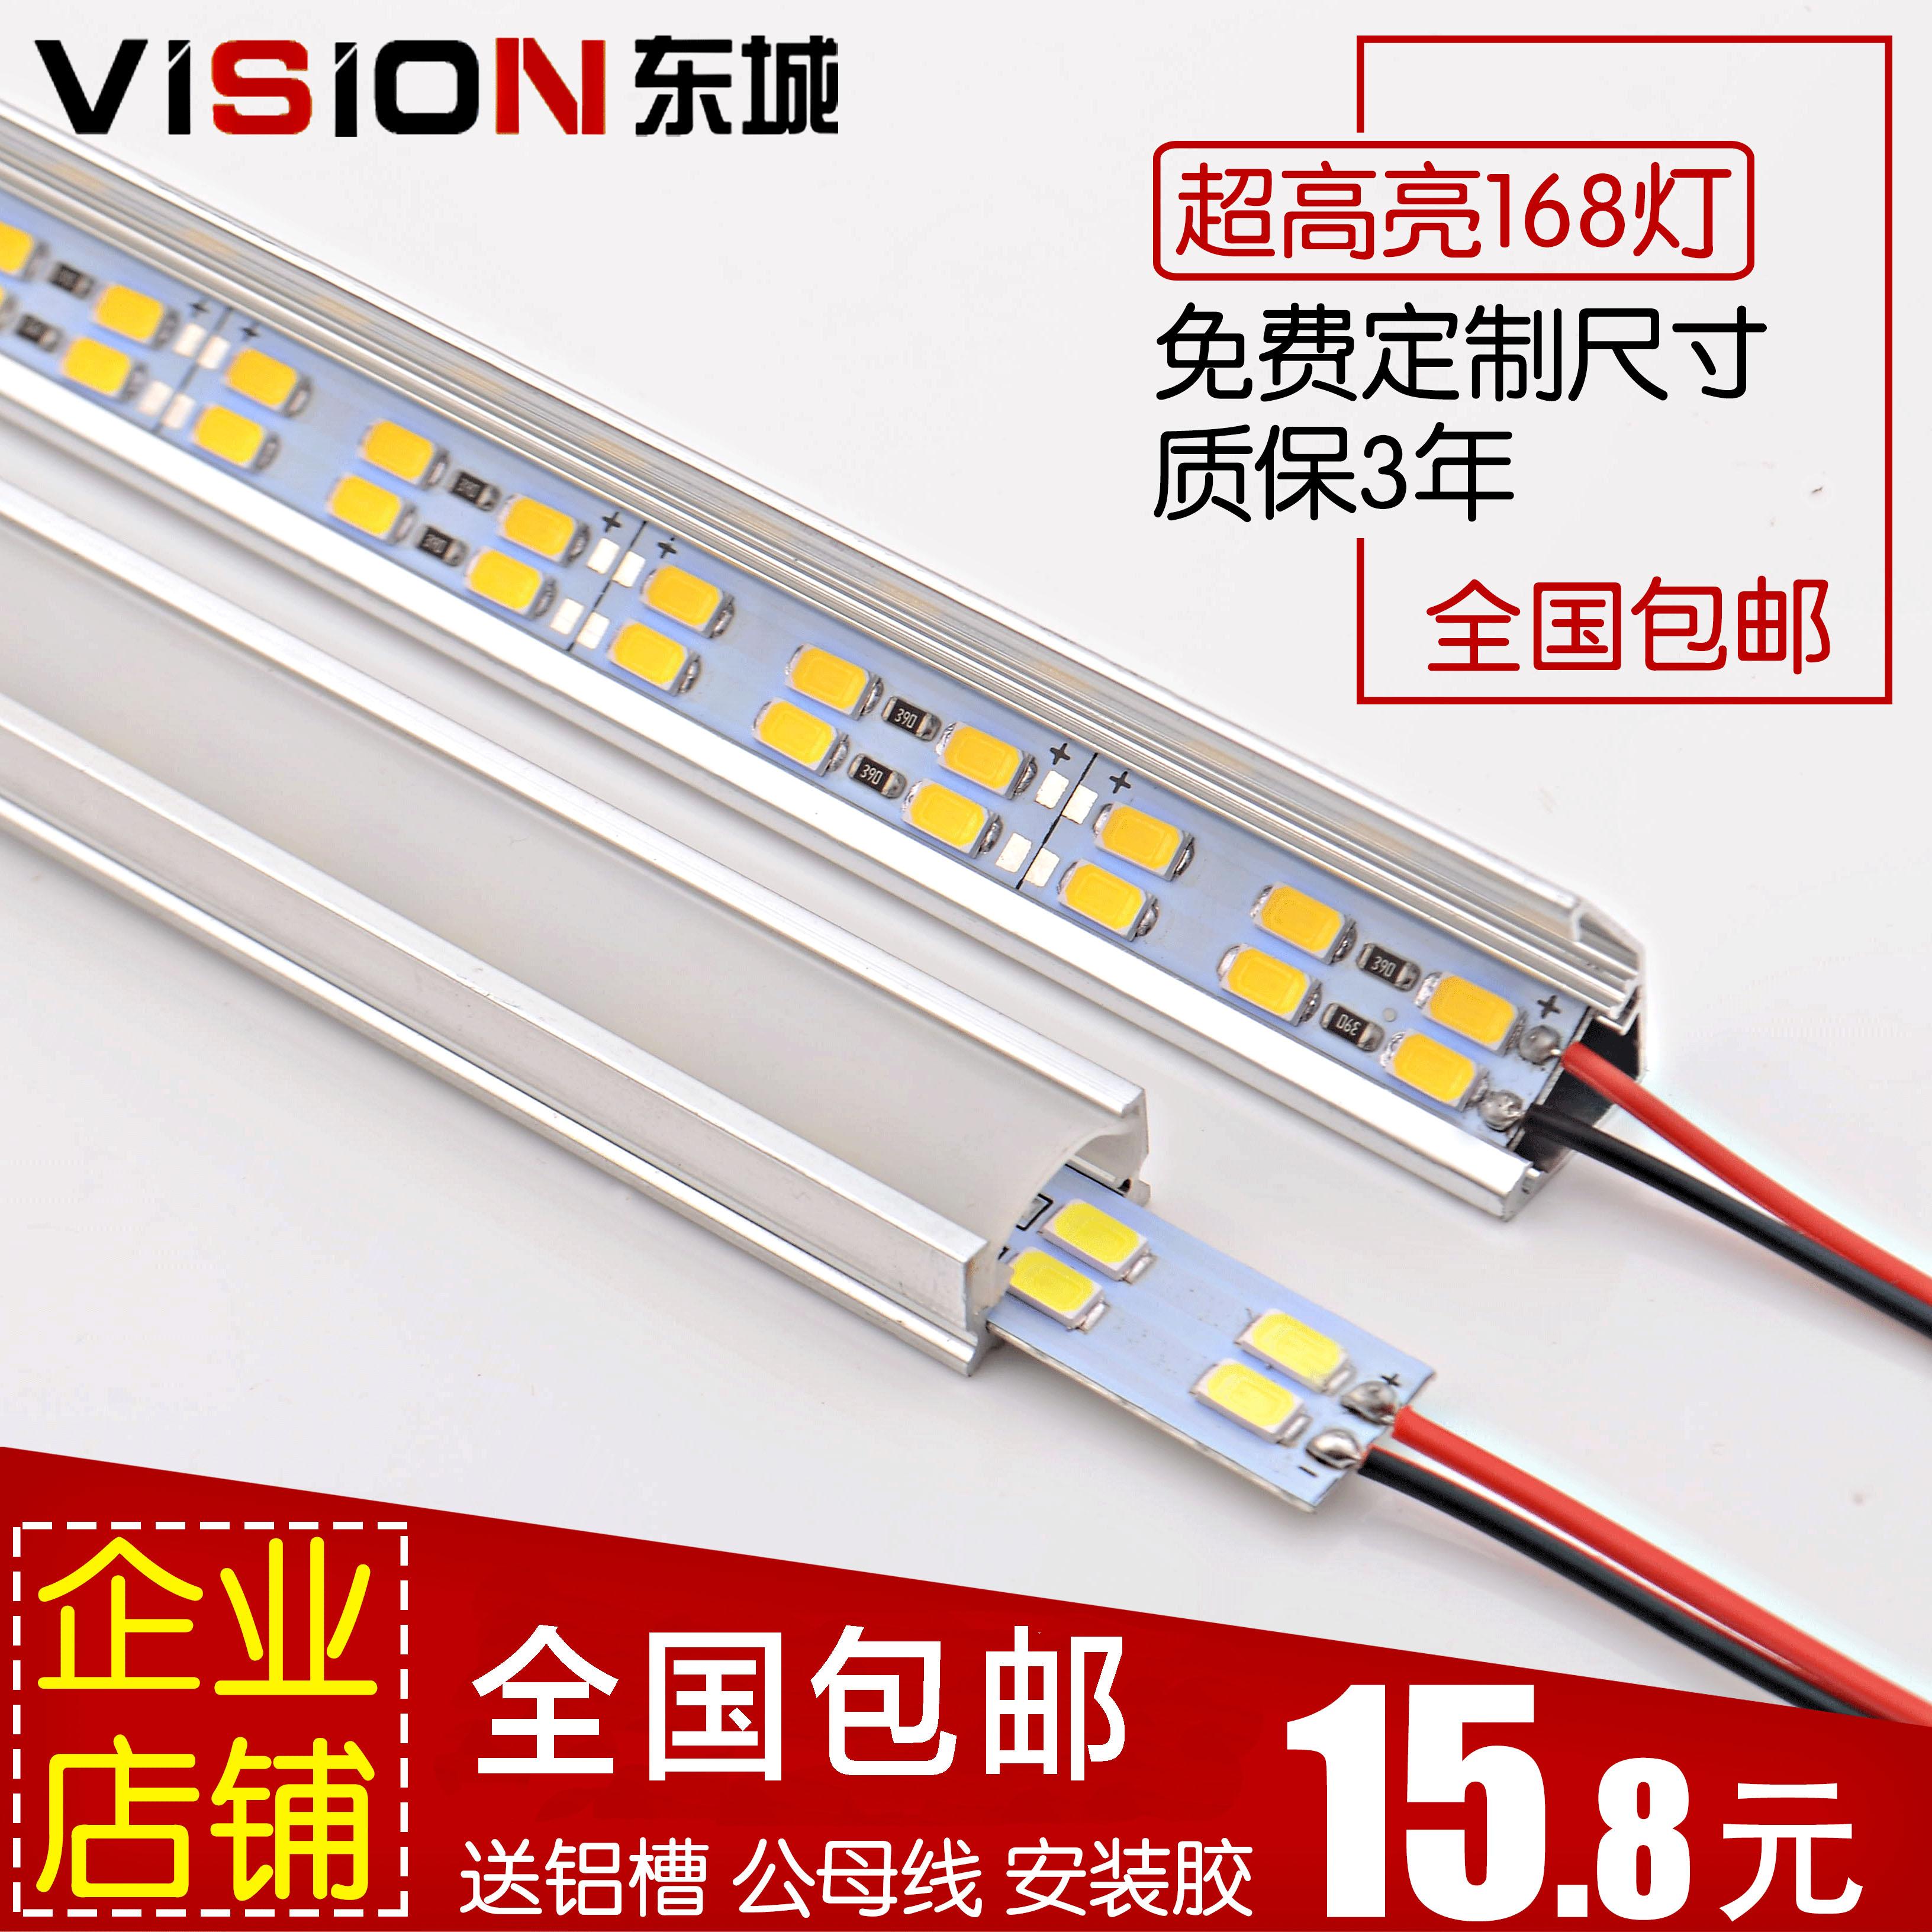 led灯带5730硬灯条12V高亮贴片双排灯带168珠夜市电瓶地摊汽车灯